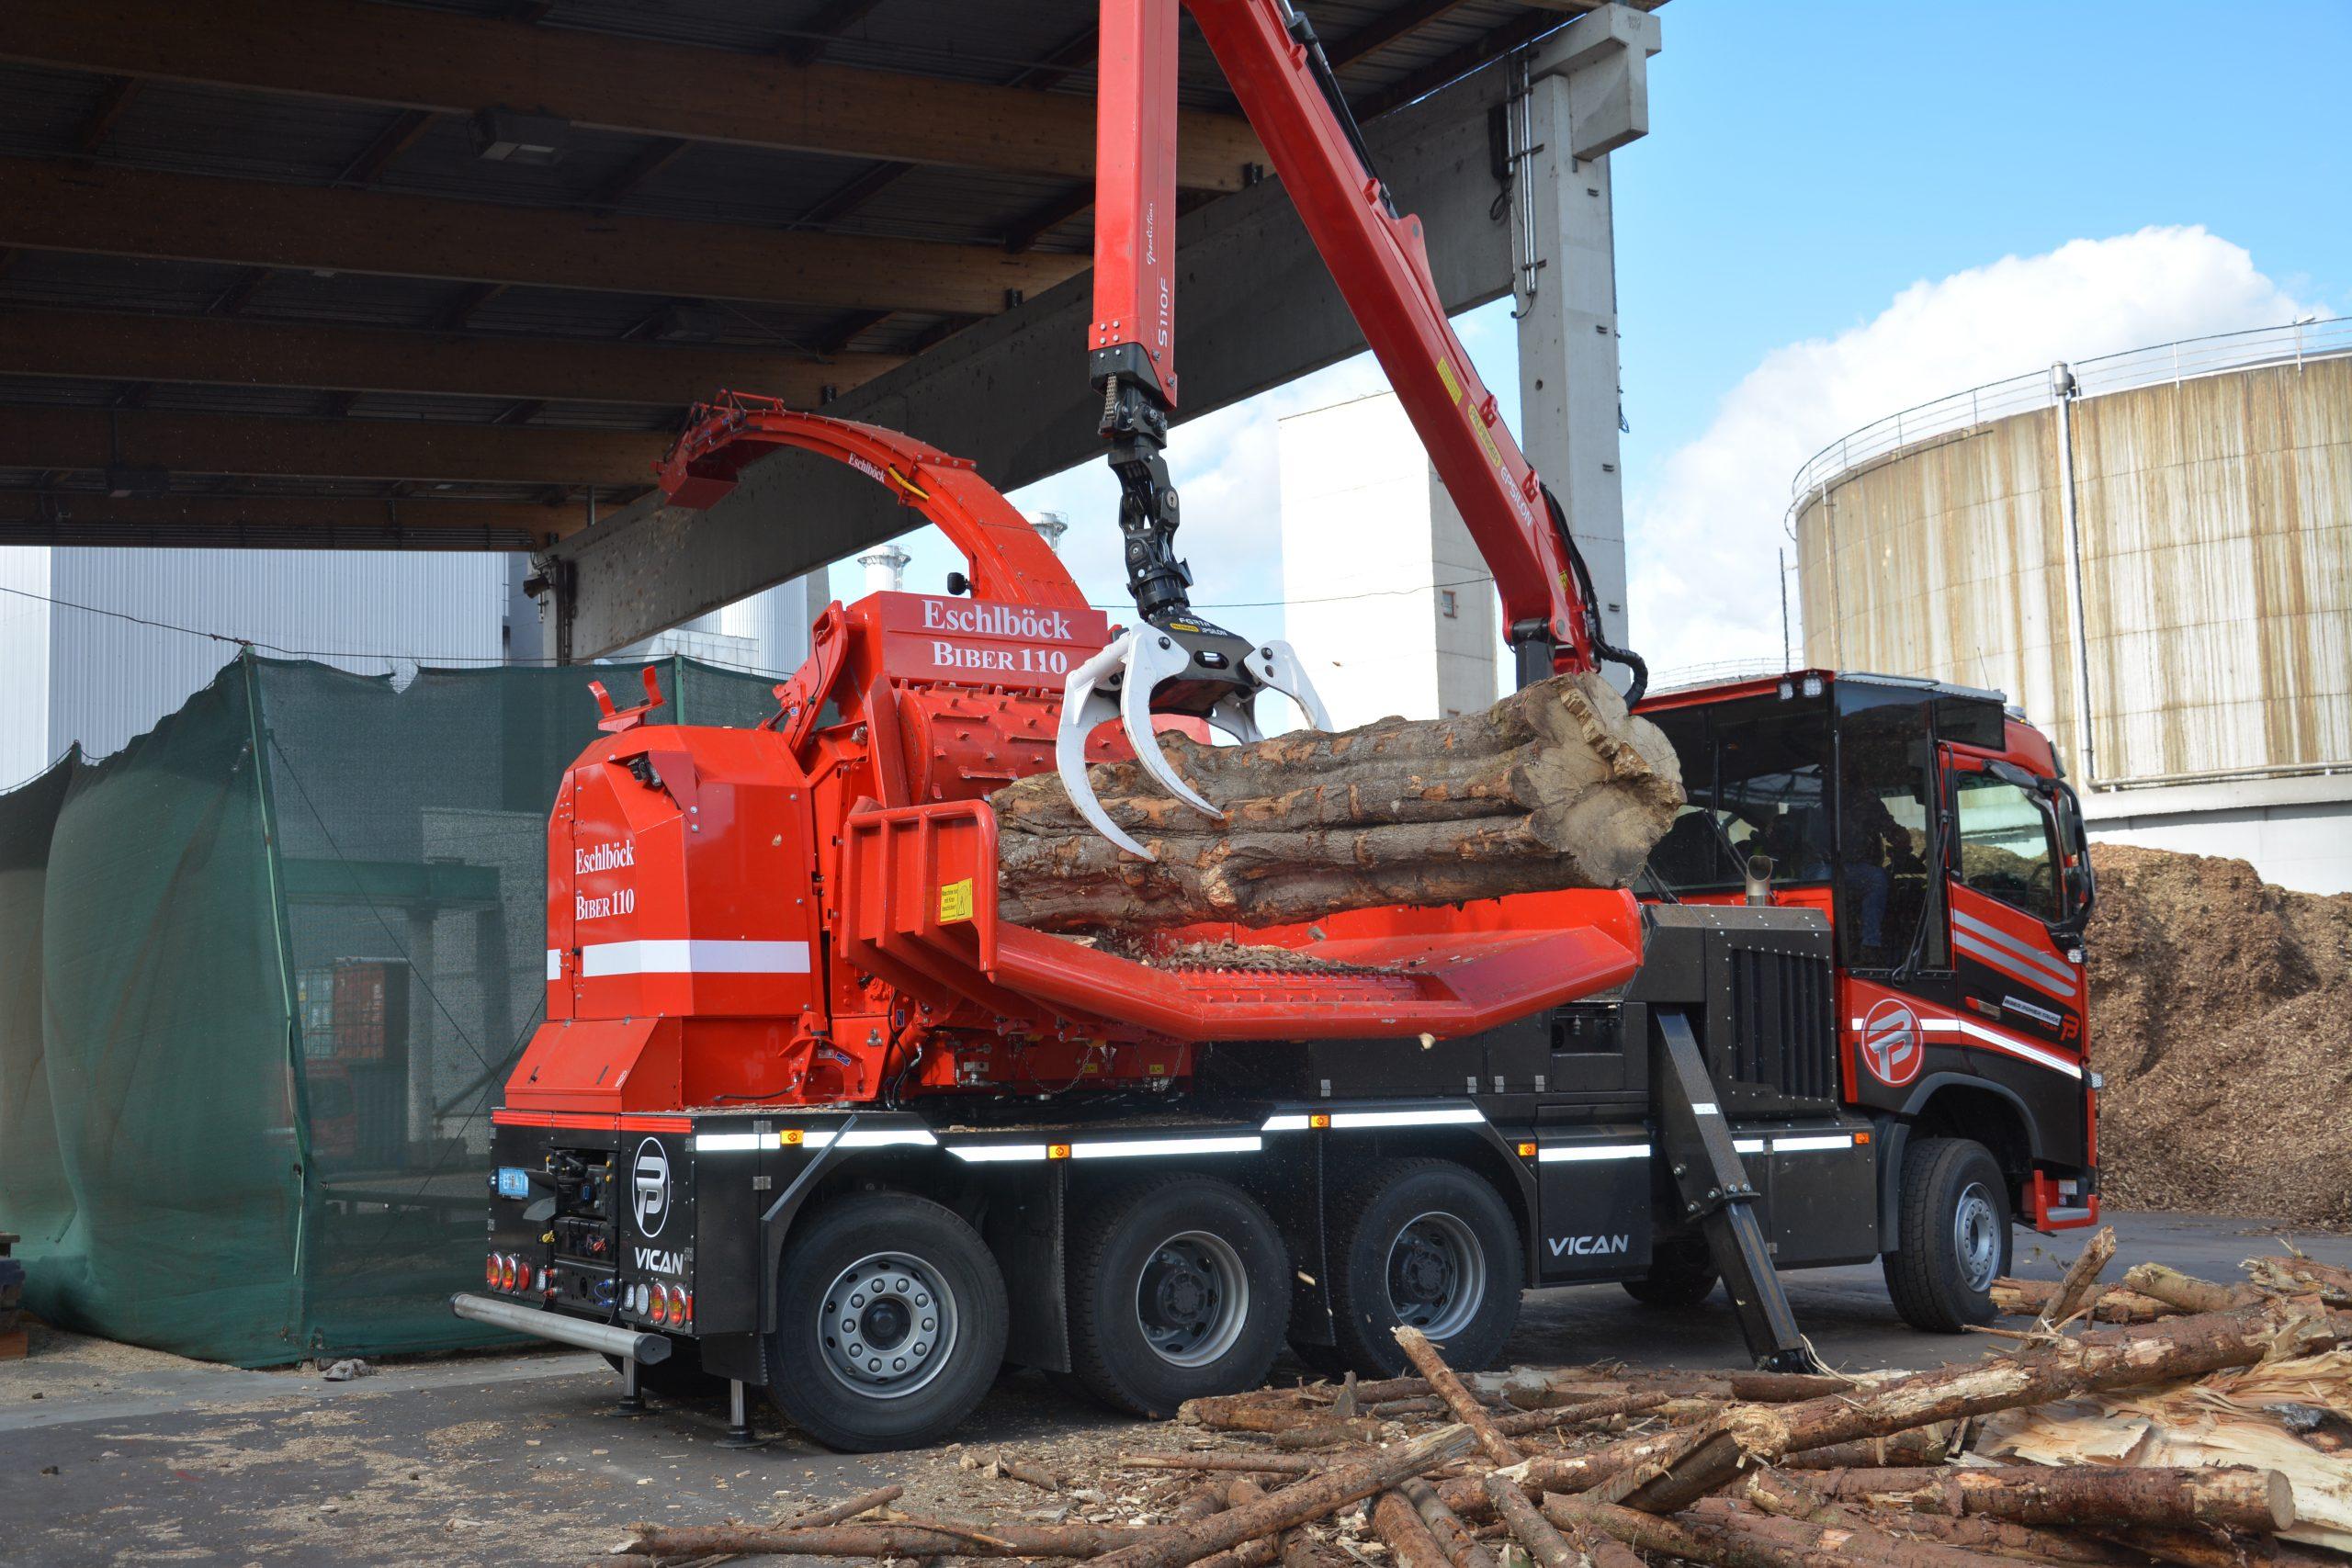 Eschlböck Biber 110 BPT Holzhackmaschine